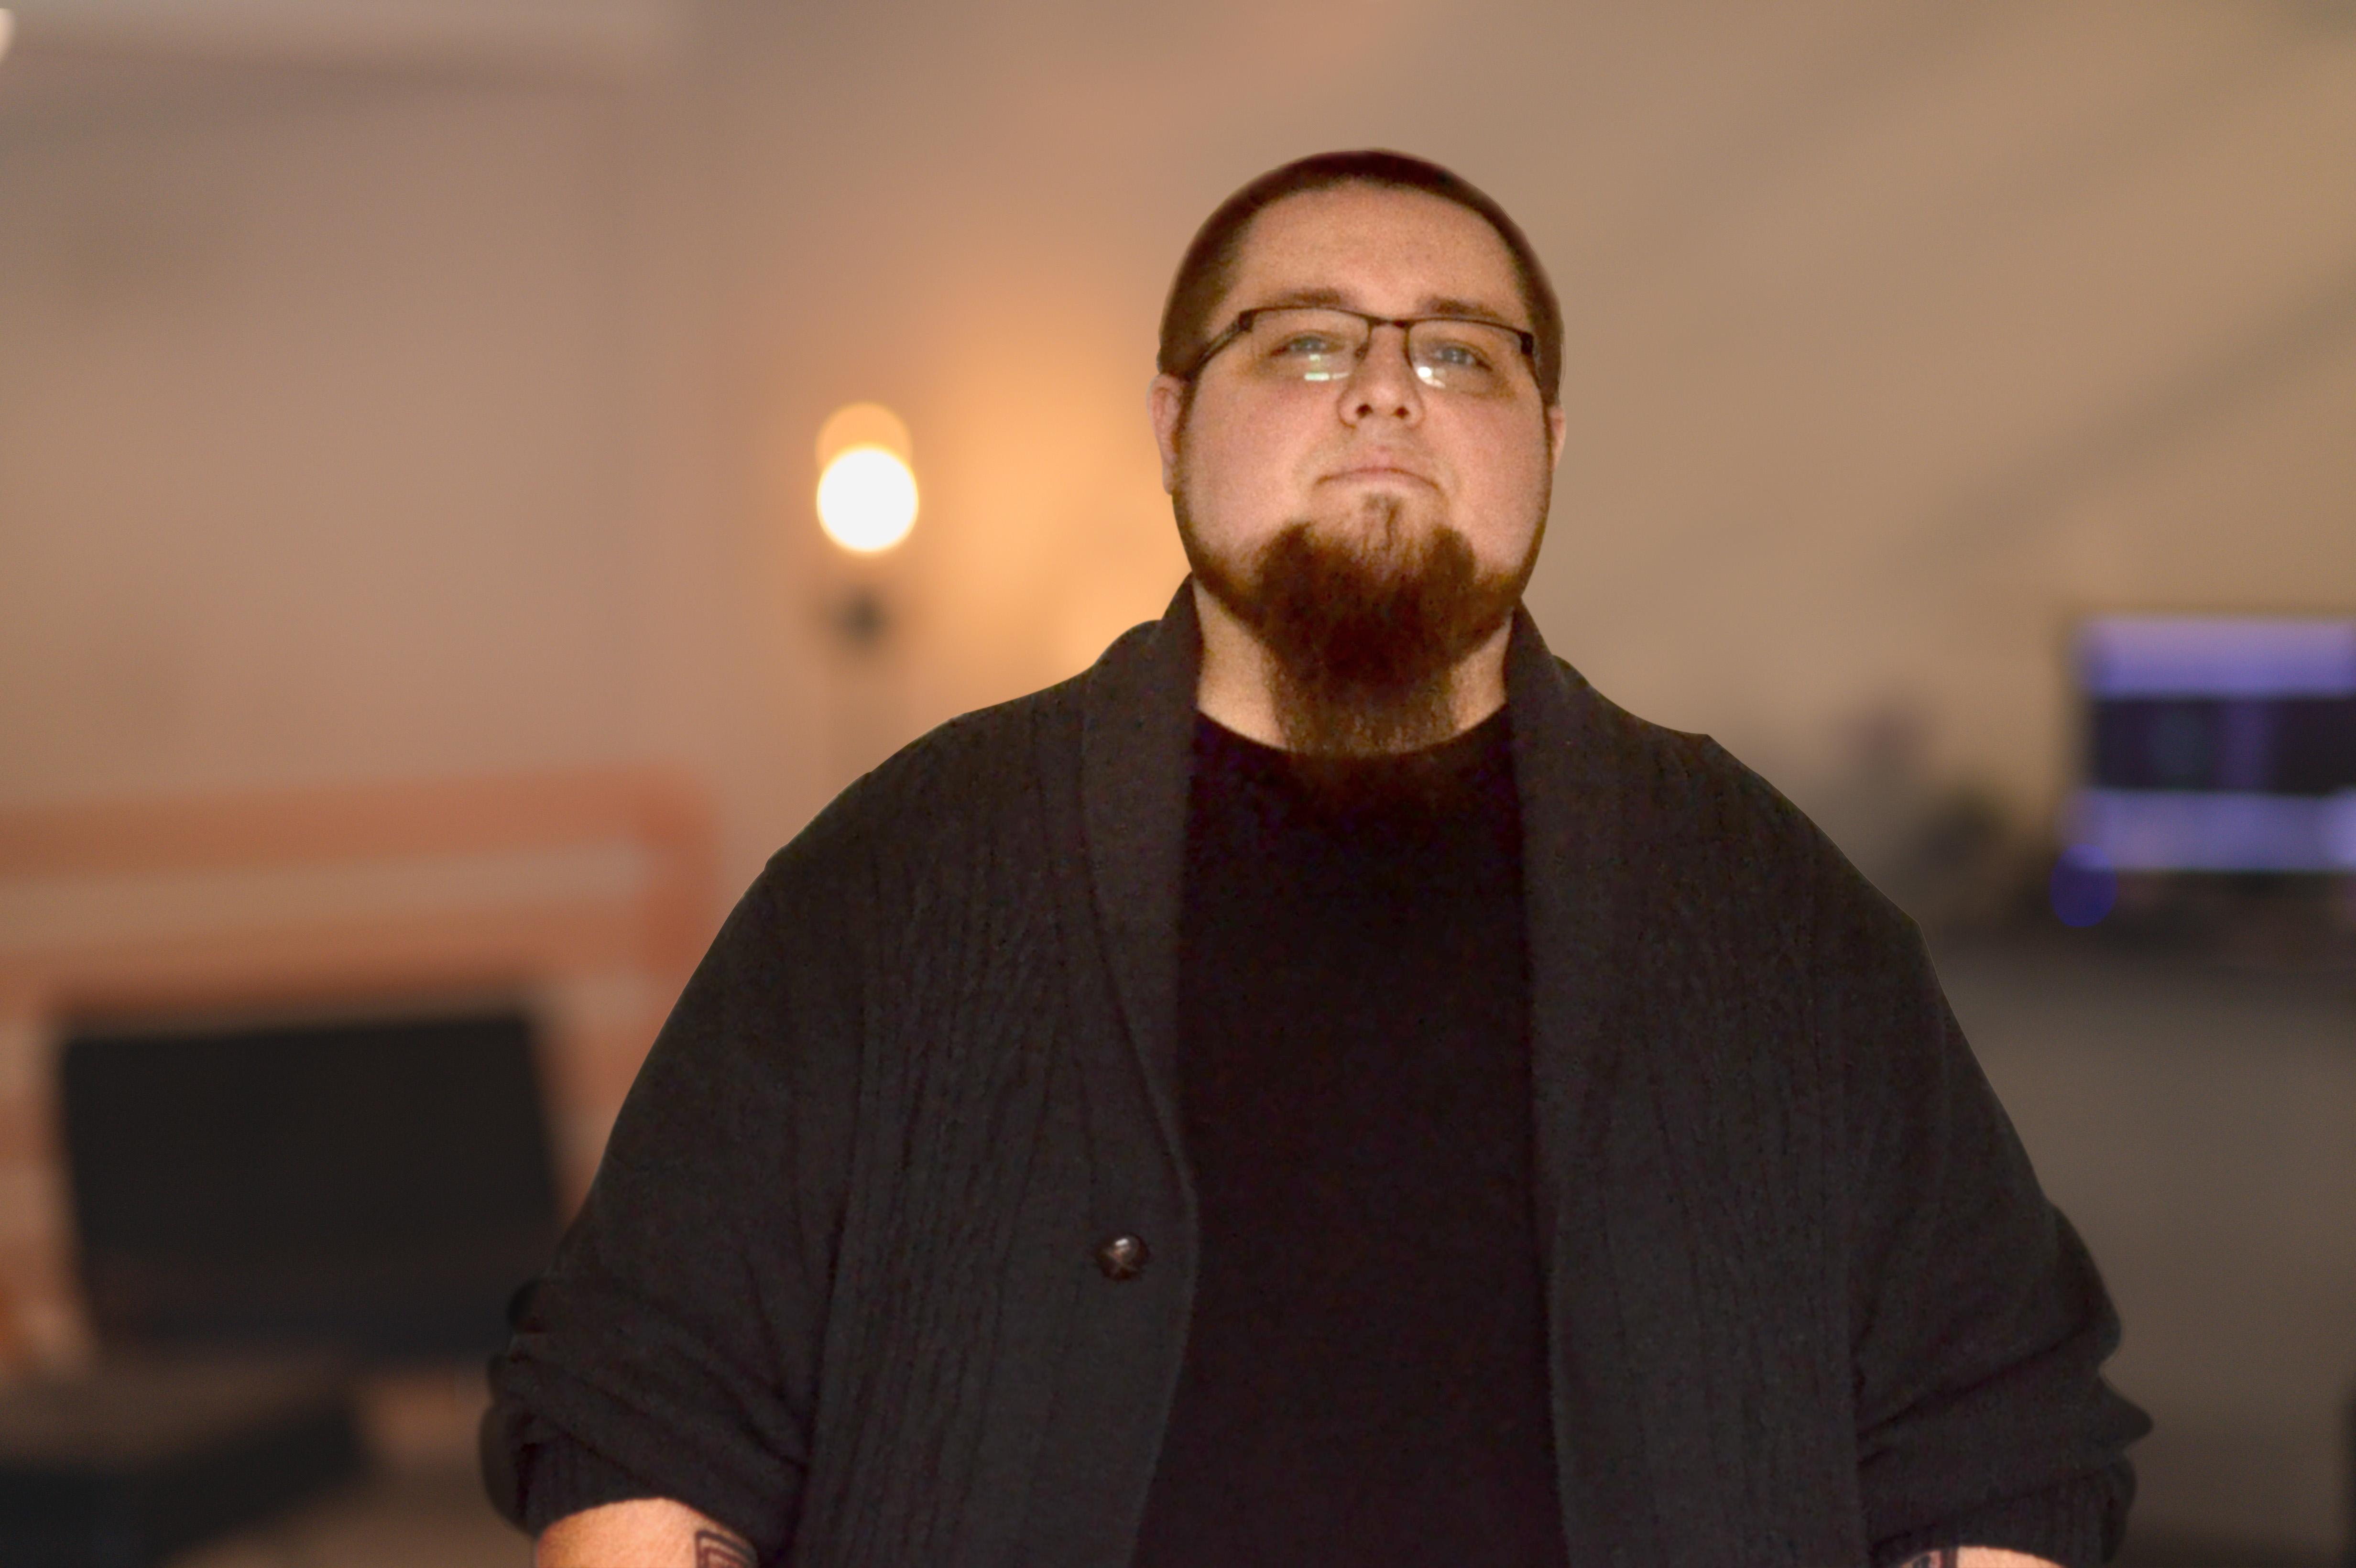 Aaron Radzwilowicz